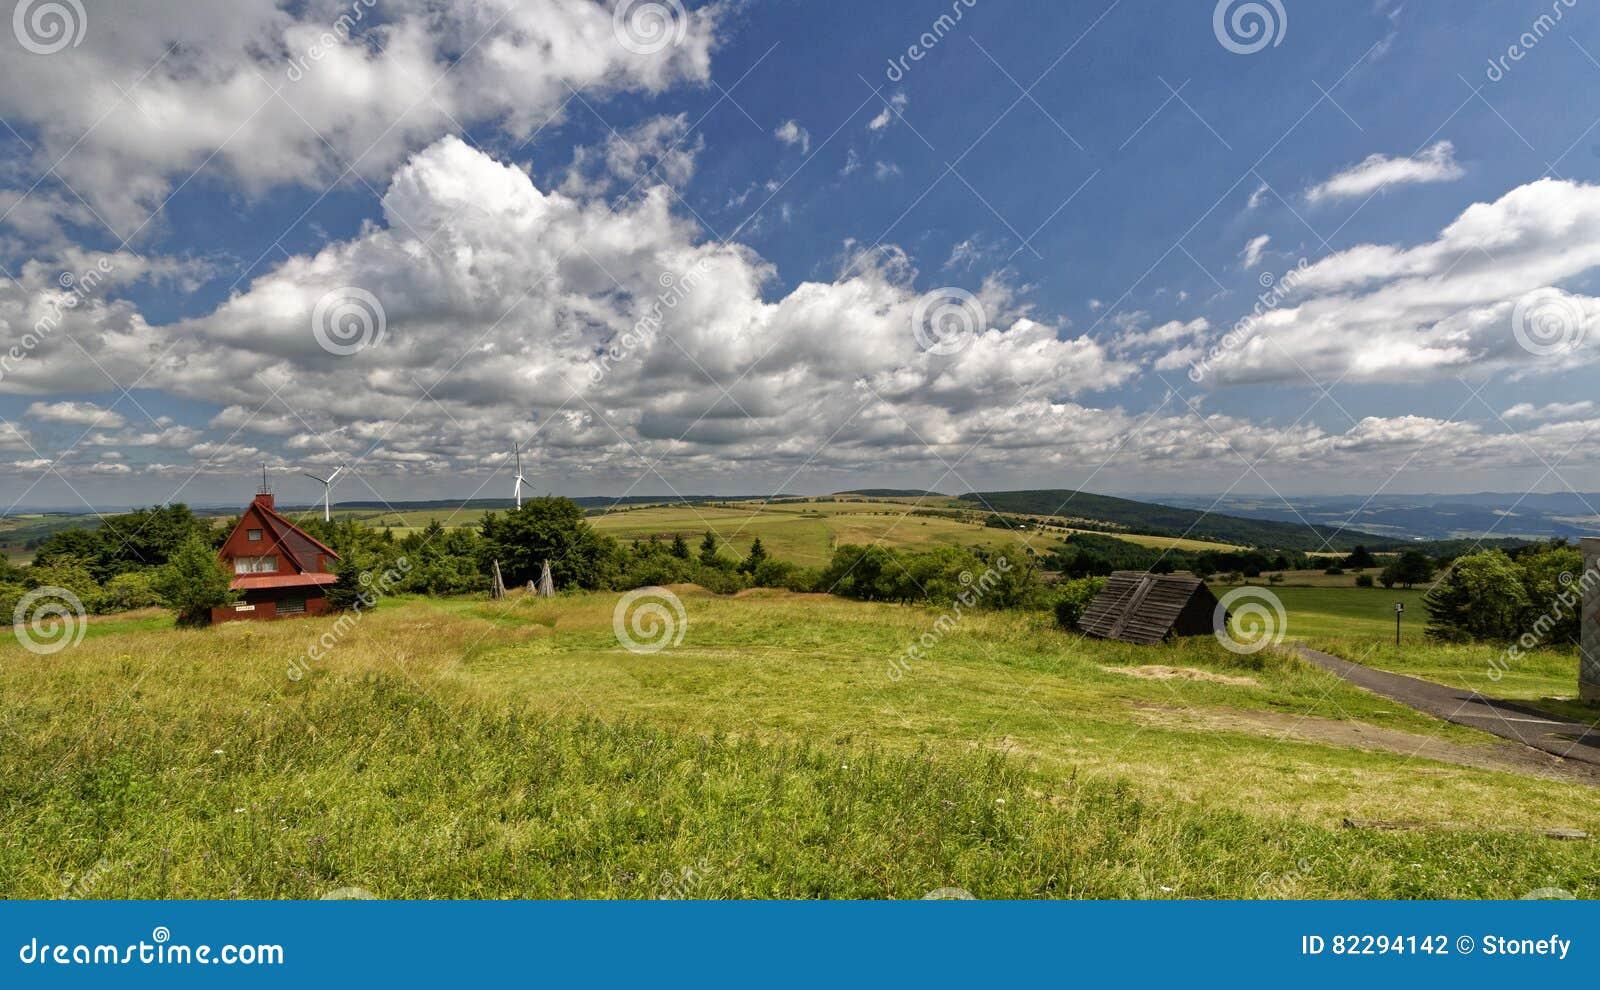 Campos y prado verdes alrededor de una estructura de madera